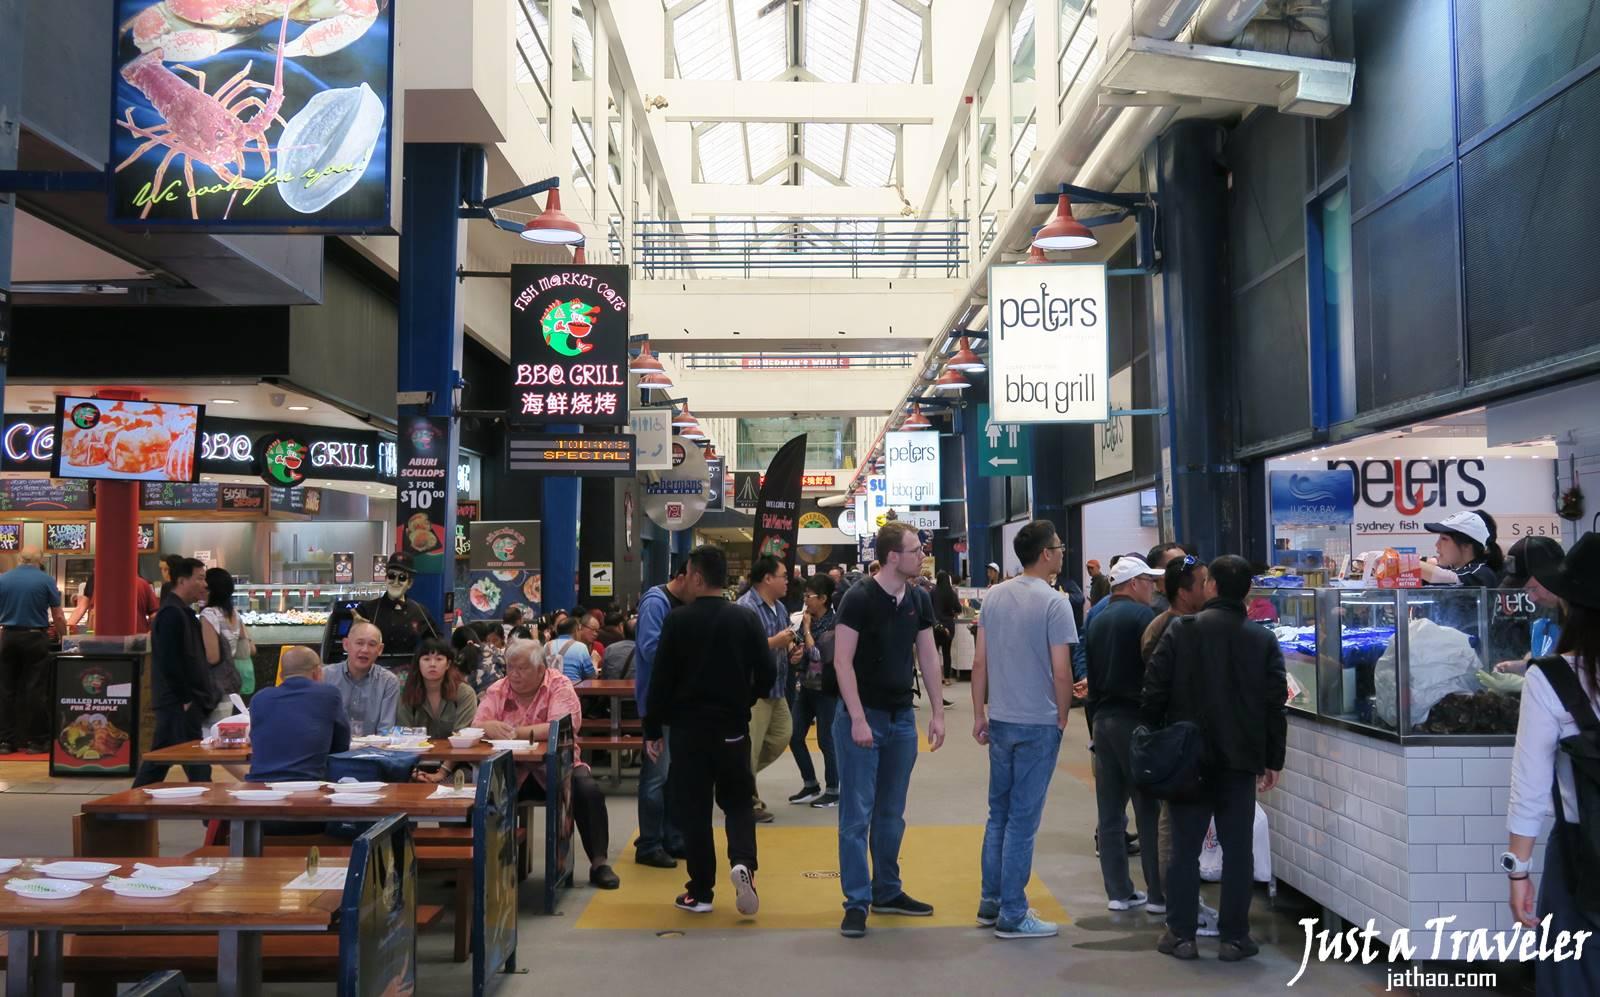 雪梨-雪梨景點-市區-推薦-雪梨必玩景點-雪梨必遊景點-雪梨魚市場-雪梨旅遊景點-雪梨自由行景點-悉尼景點-澳洲-Sydney-Tourist-Attraction-Fish-Market-Travel-Australia